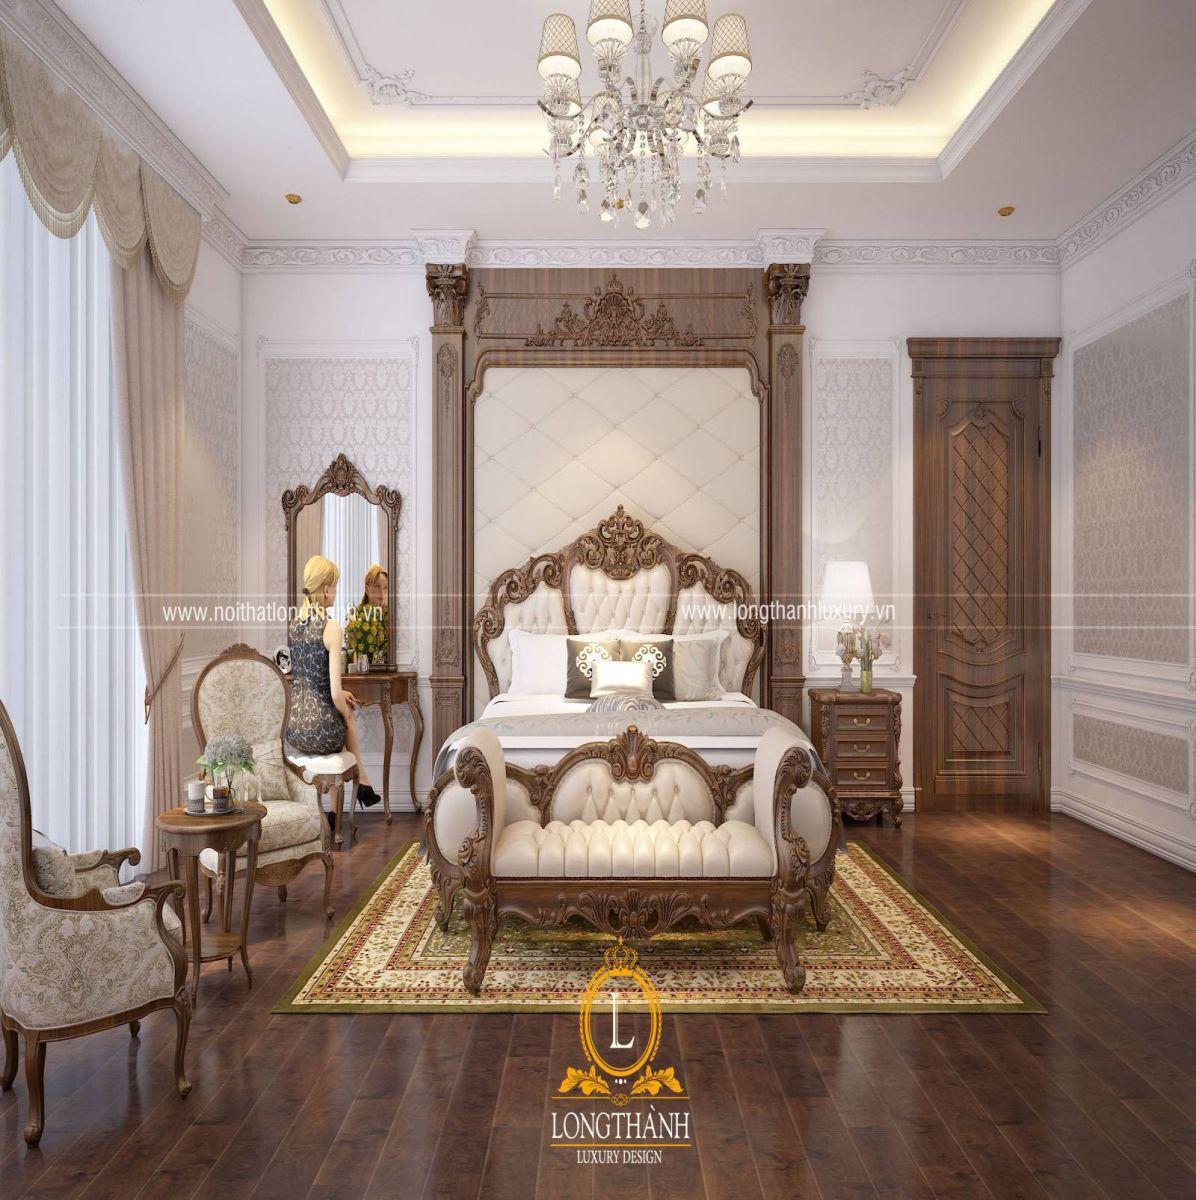 Phòng ngủ khách sạn rộng được thiết kế theo phong cách tân cổ điển